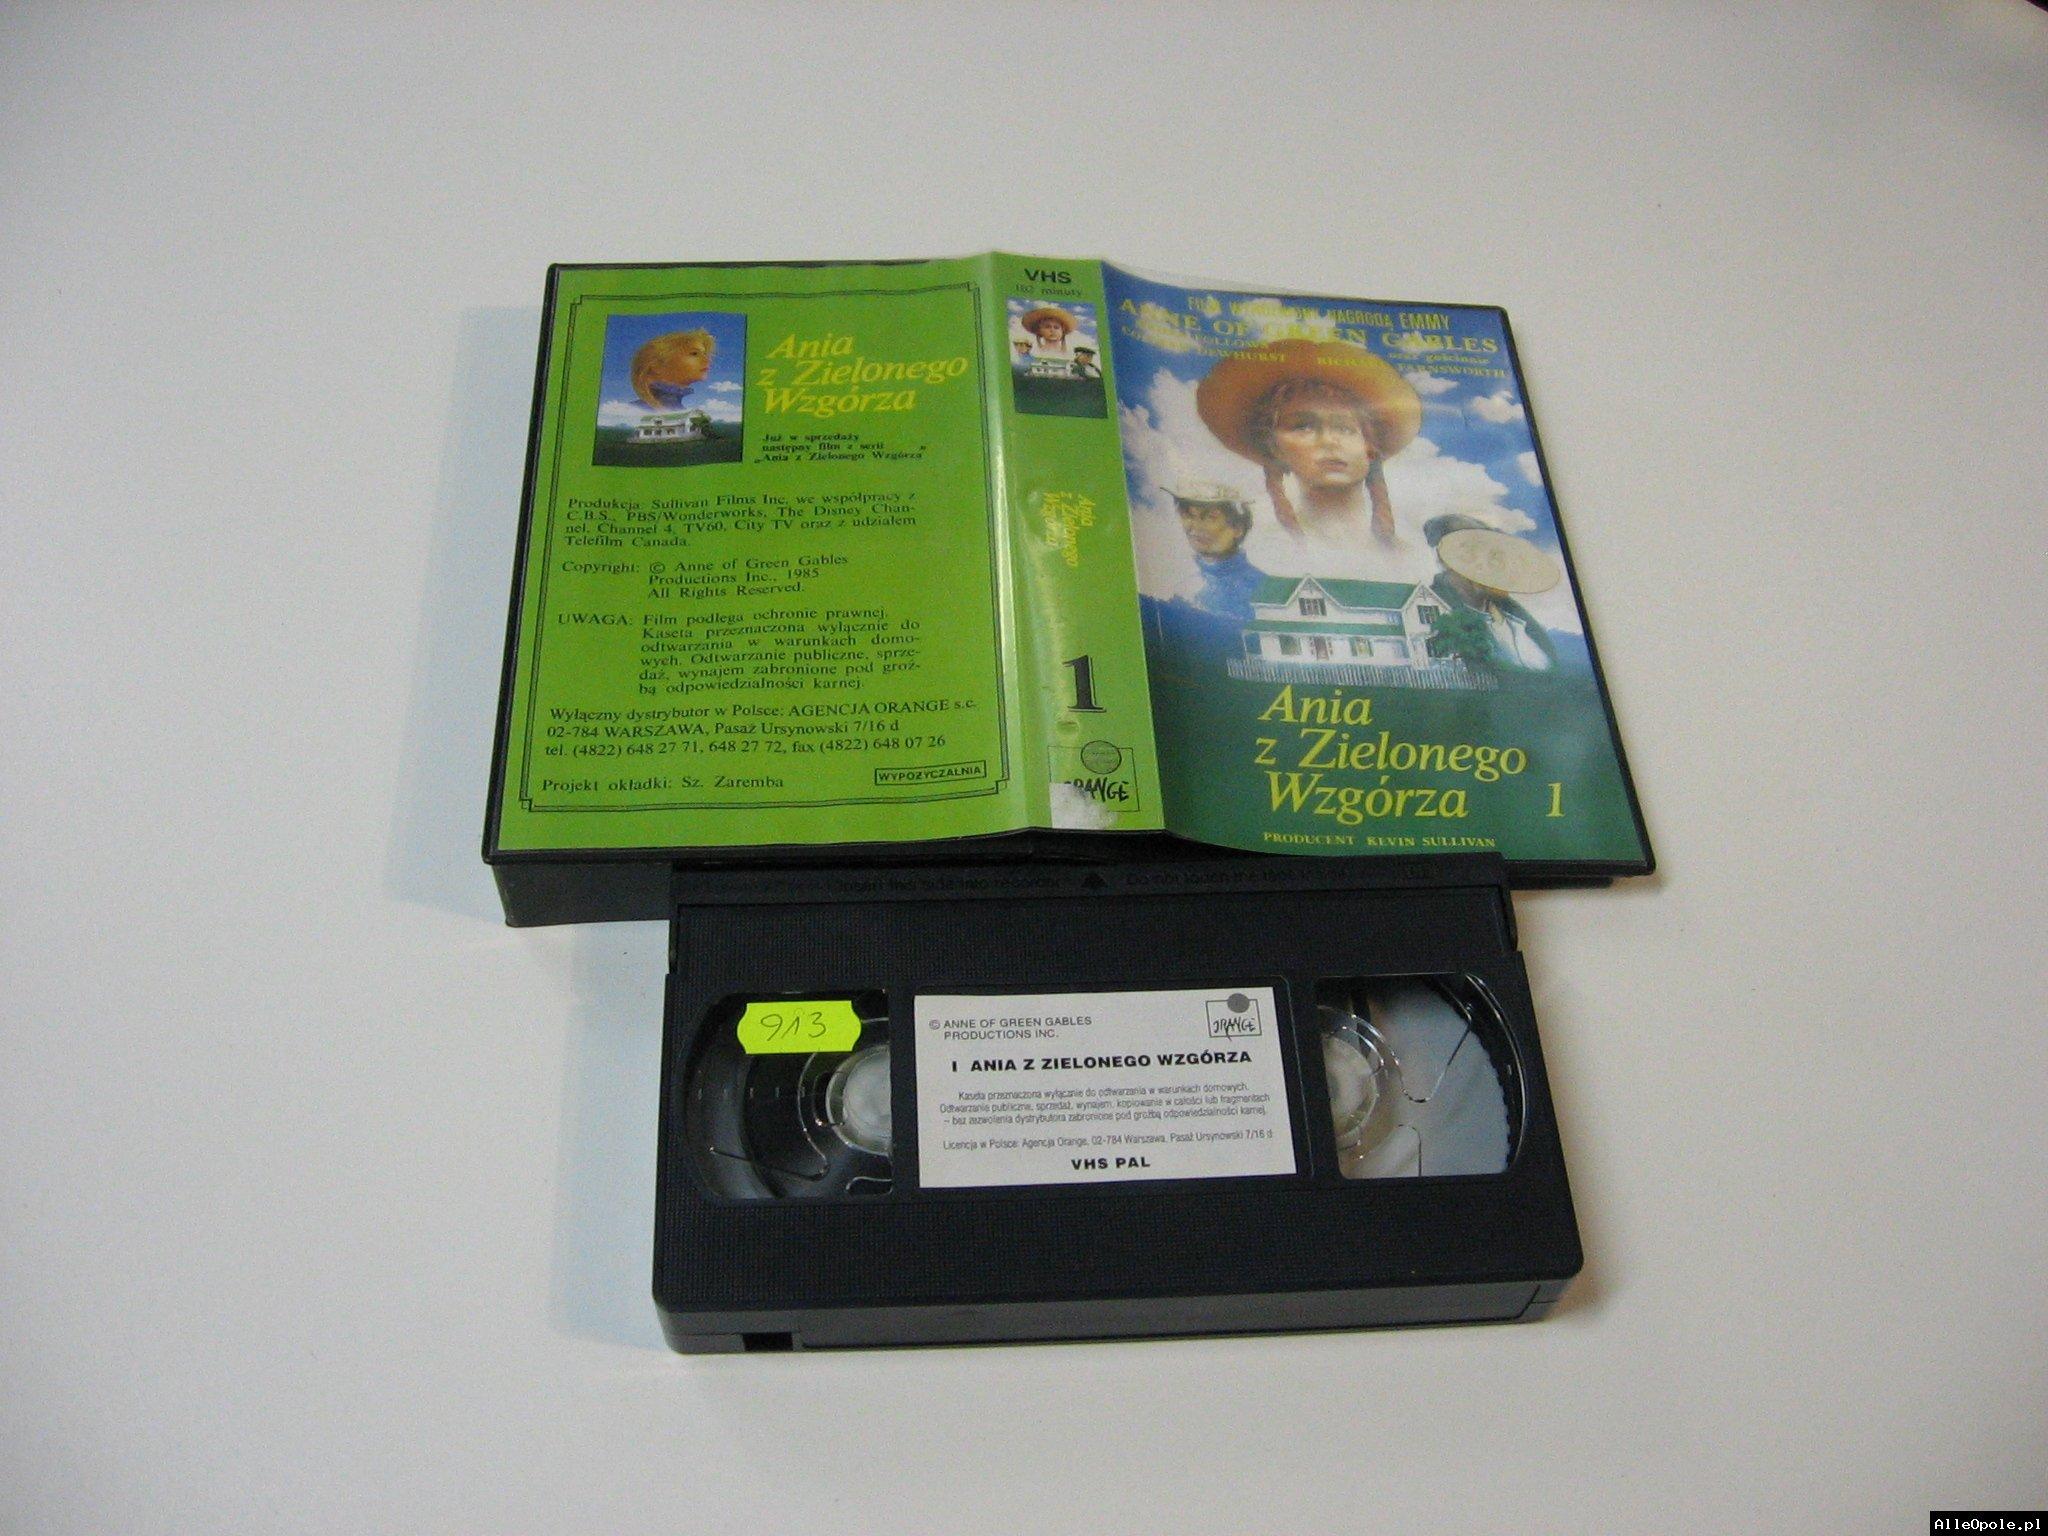 ANIA Z ZIELONEGO WZGÓRZA 1 - VHS Kaseta Video - Opole 1766